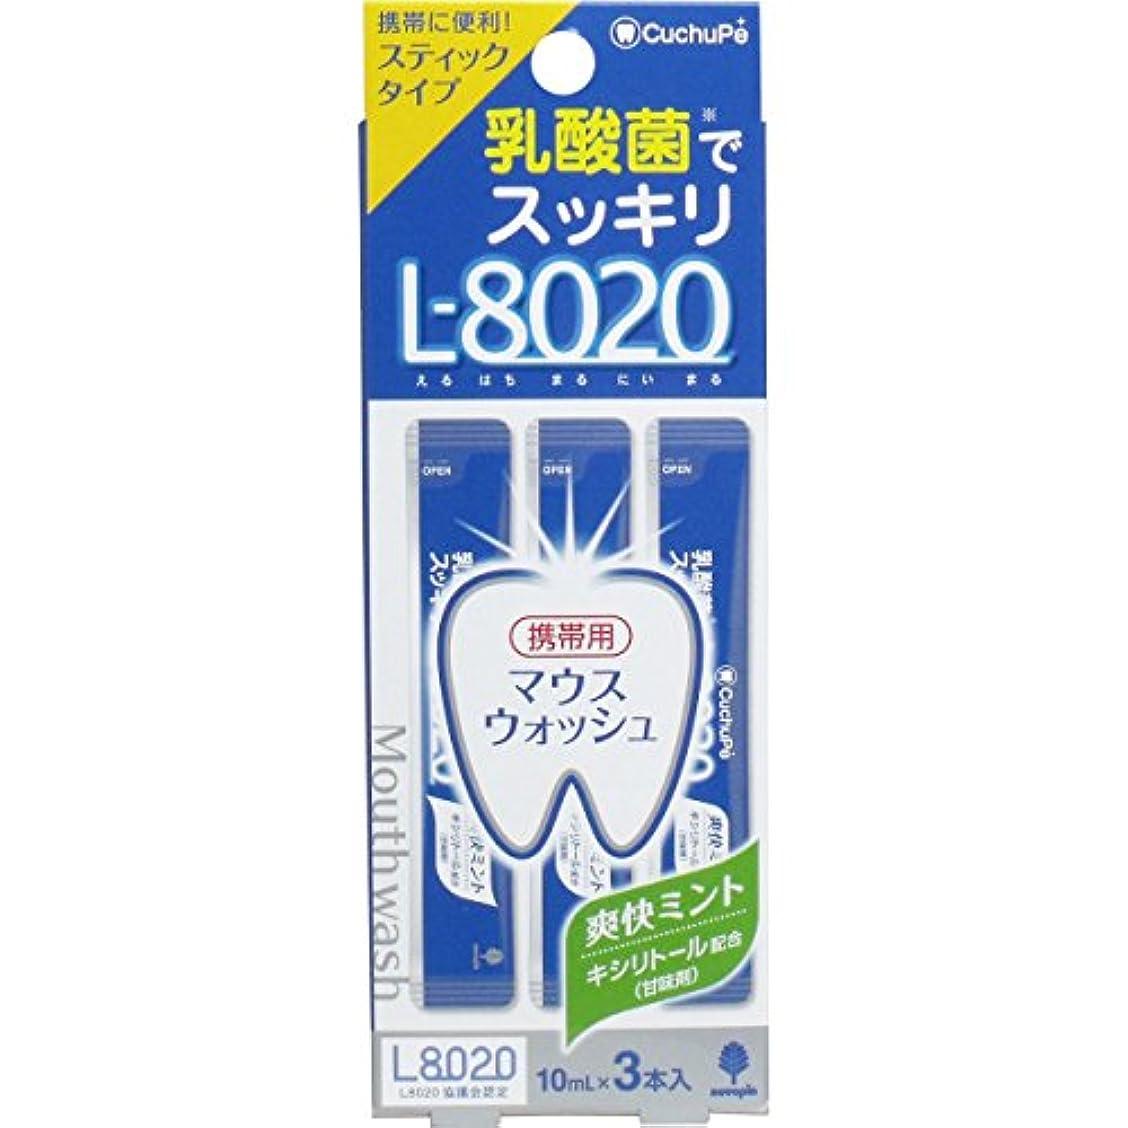 極地眠る喉頭紀陽除虫菊 クチュッペ L-8020 マウスウォッシュ 爽快ミント スティックタイプ 10mL*3本入 4971902070872